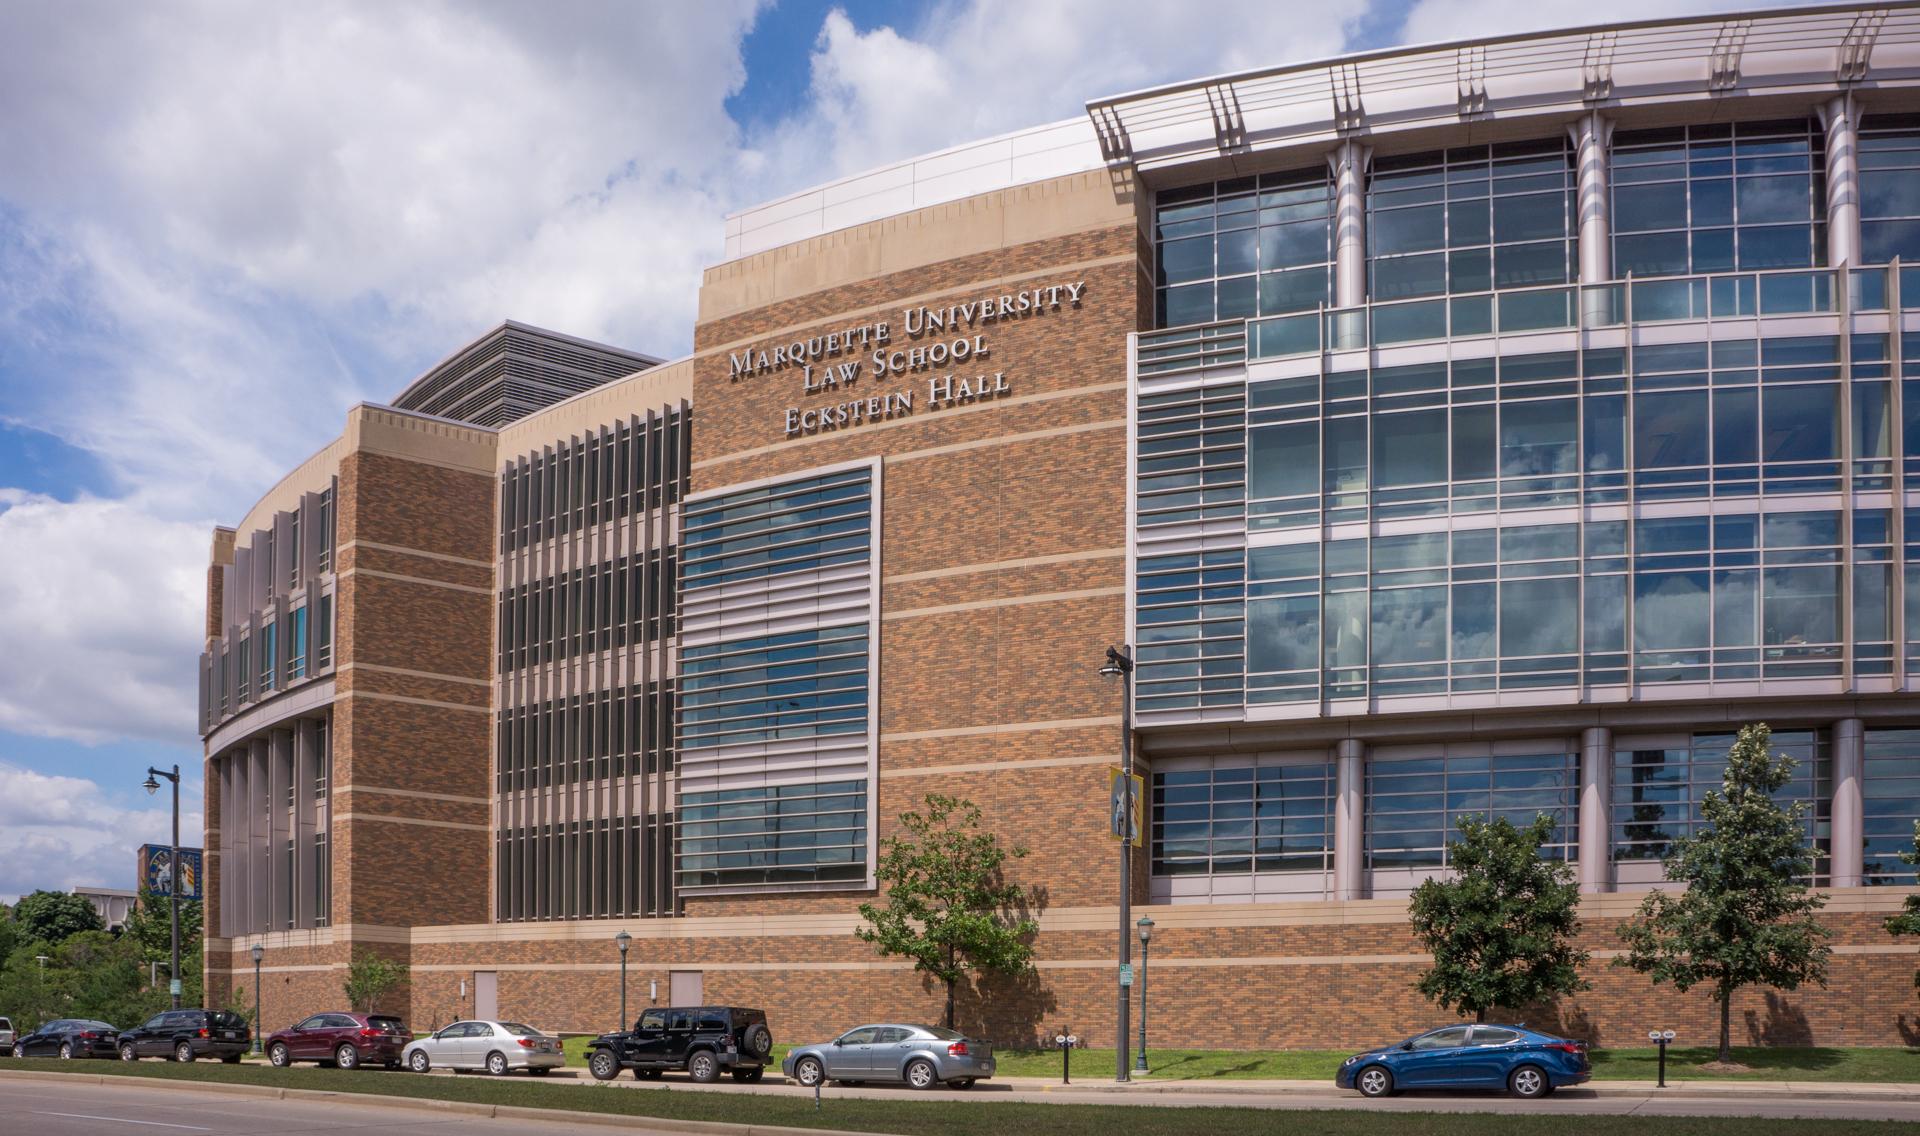 Marquette University - Eckstein Hall